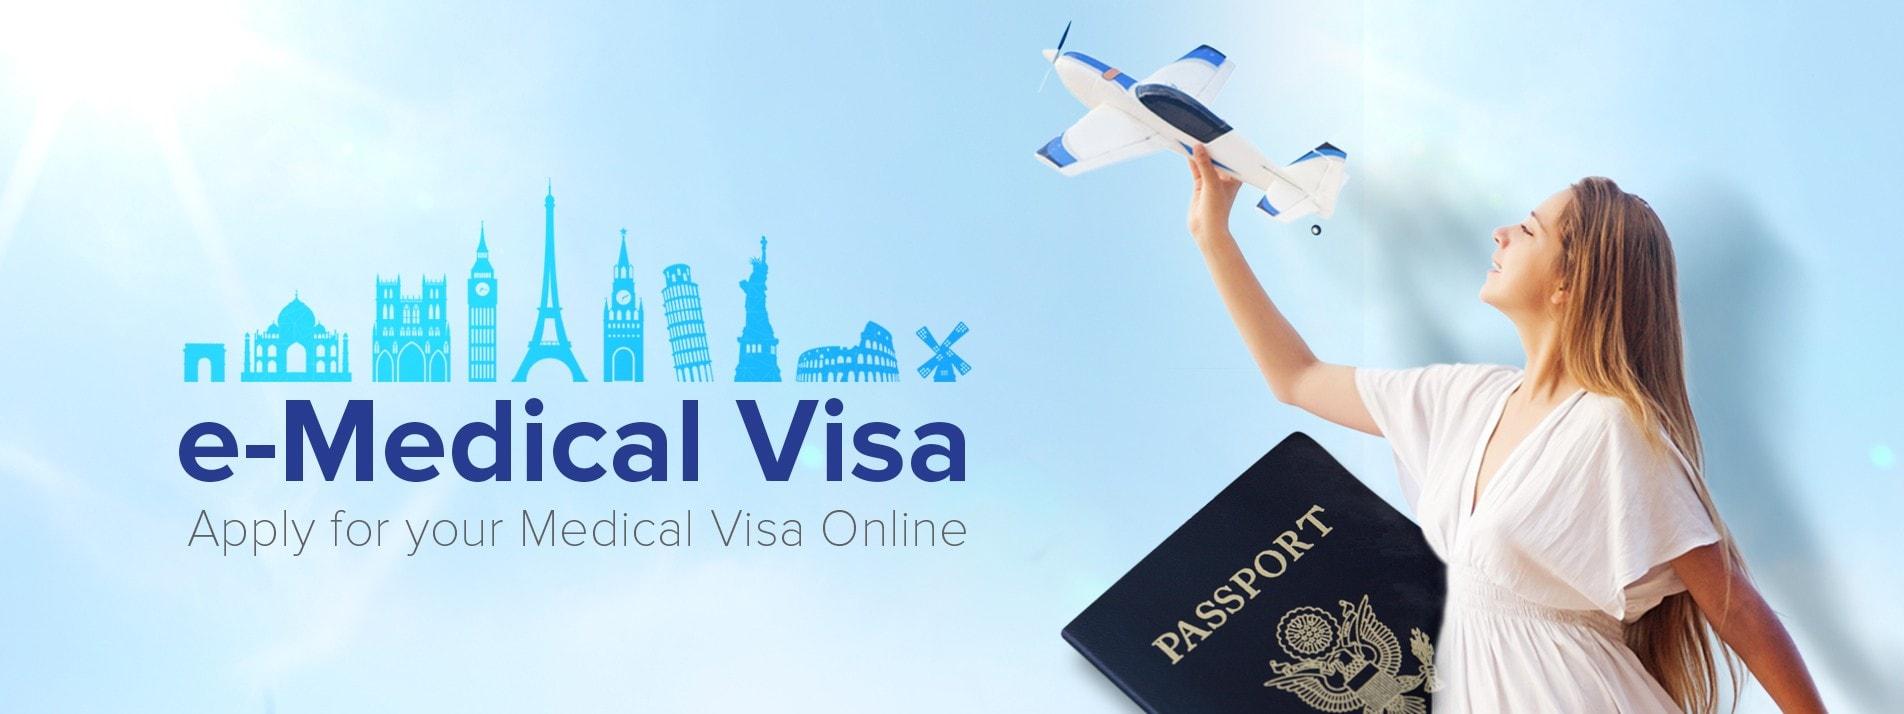 E-Medical Visa